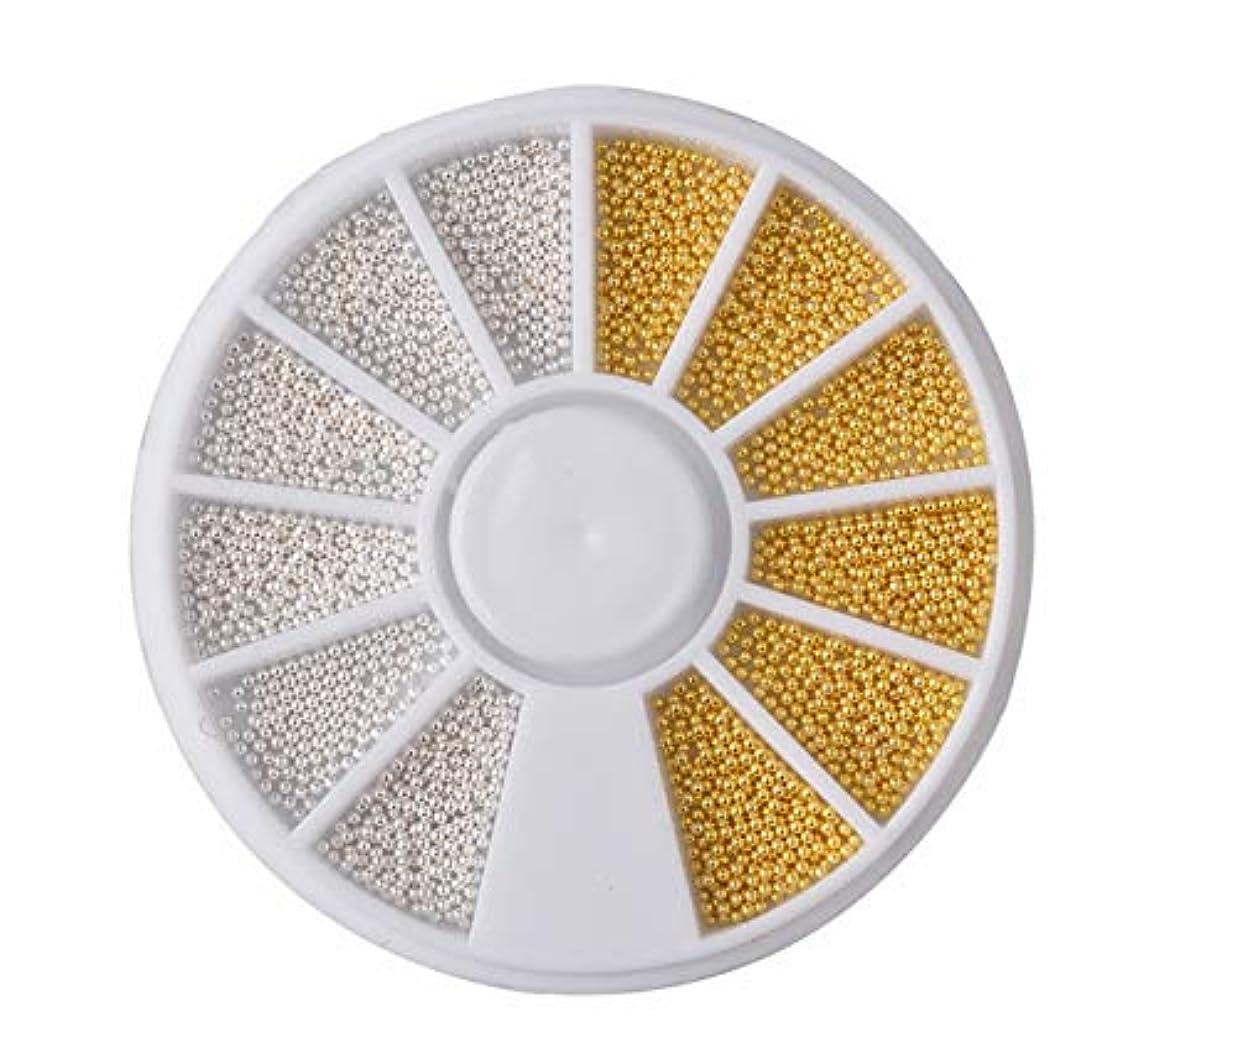 パフ社説まだTianmey ミニ鋼球キャビア大ビーズの3Dネイルデコレーションマニキュアネイルアートアクセサリーデコレーションマニキュアツール (Color : White and gold)